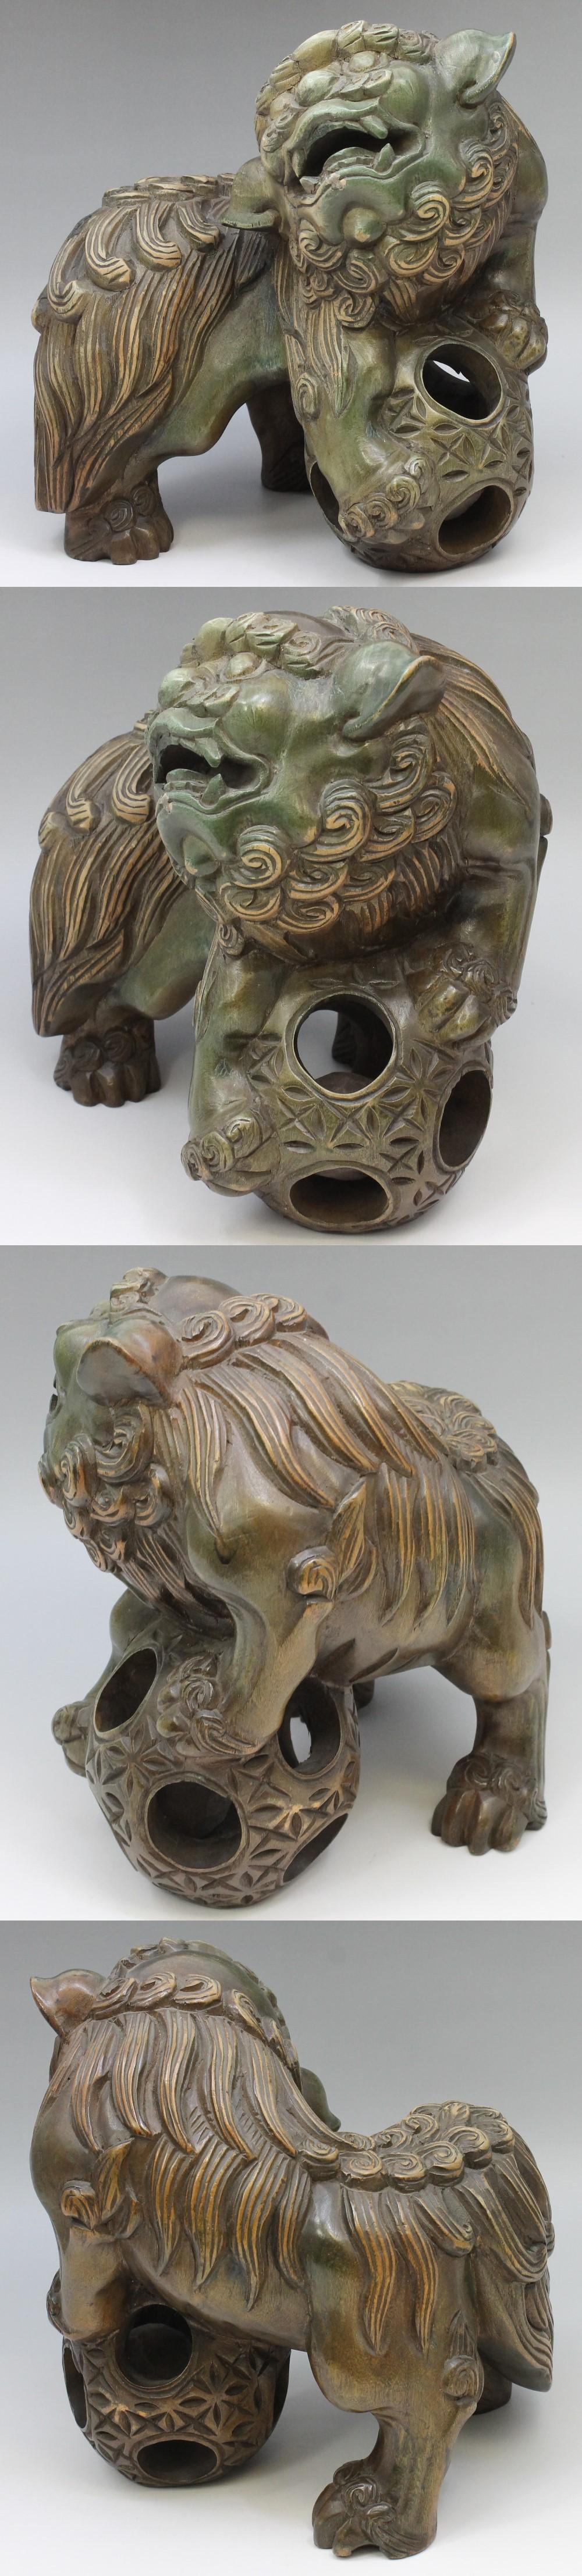 167木彫り獅子ペア4